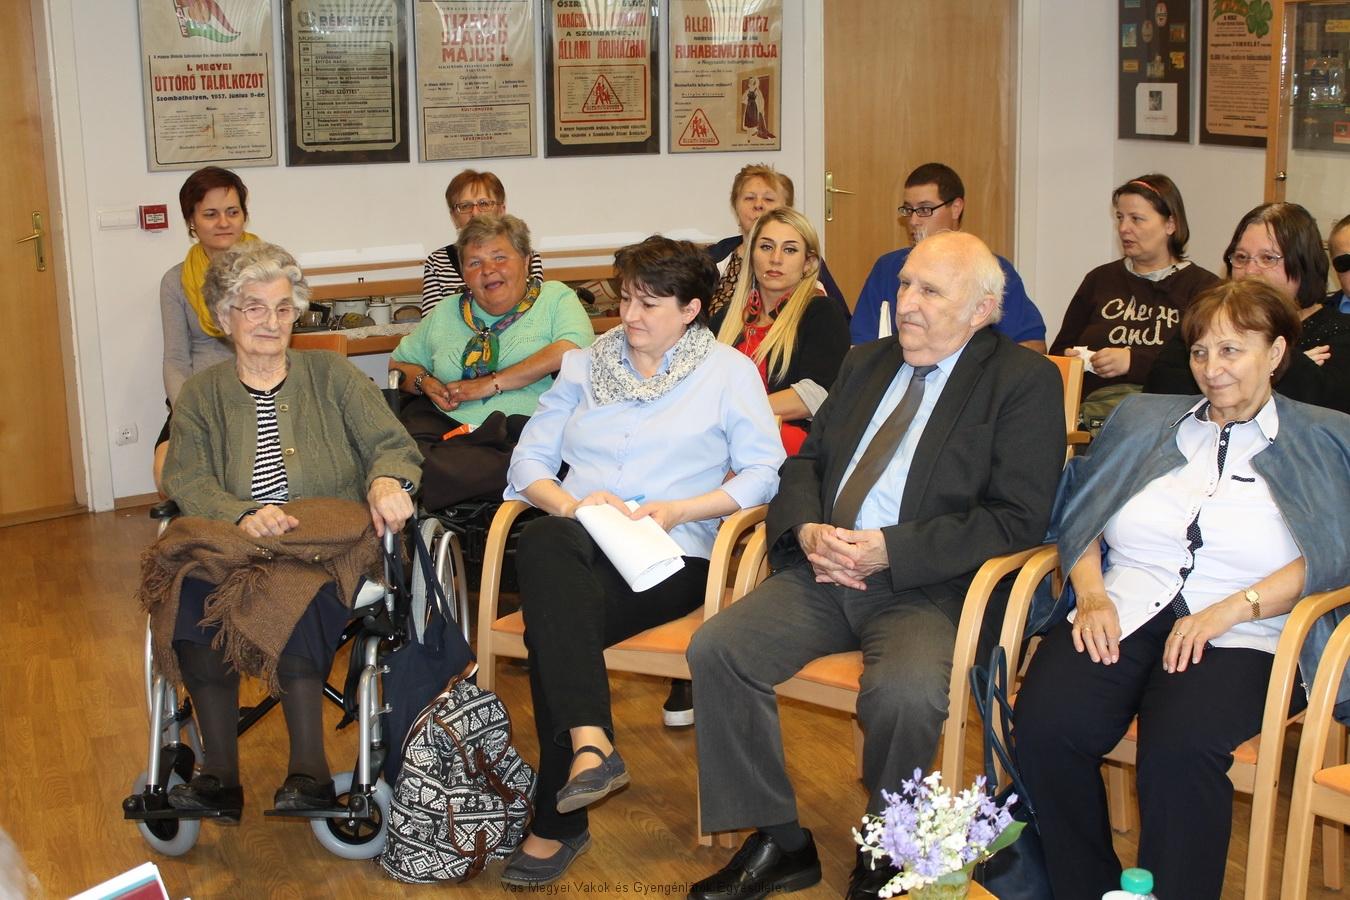 A könyvtárban folytatódott a Szociális hét programja. Május 11-én megtelt az előadó terem. A képen többek közt látható Fiegler Andi, Poór Zoltán, és néhányan az egyesületünk tagjai közül, akik a Szakosított Intézményben élnek.